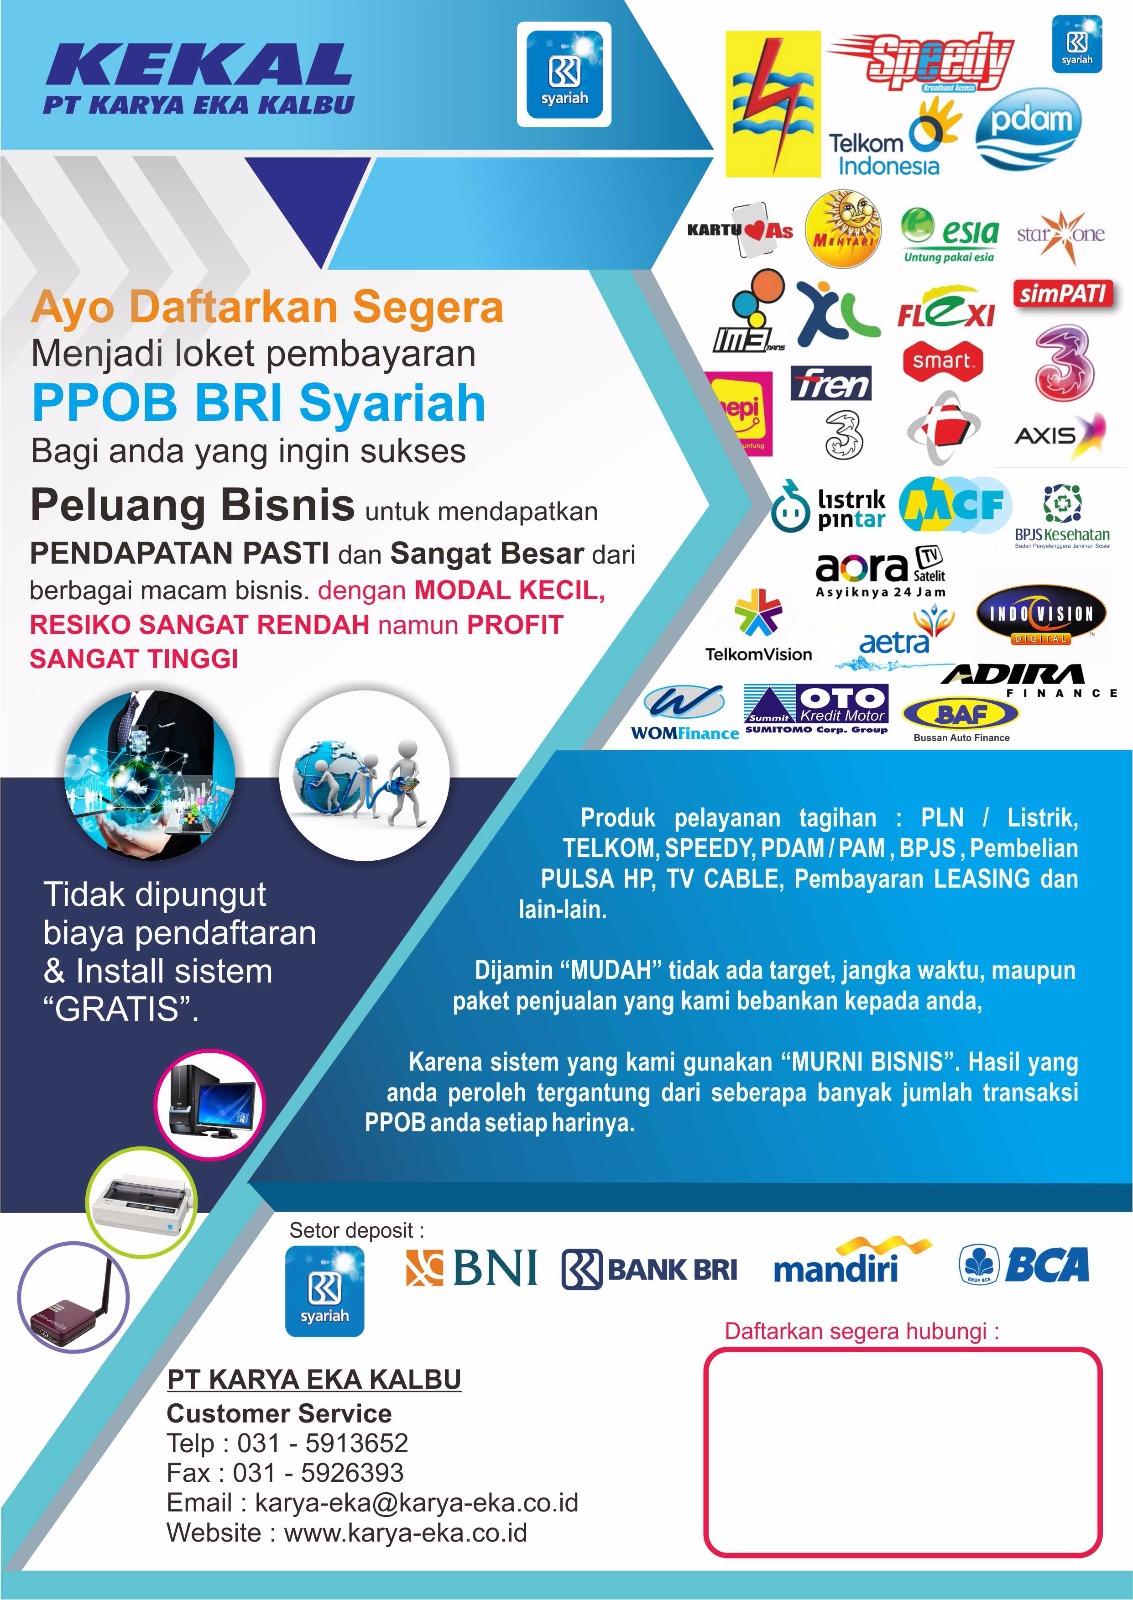 Ppob Bri Syariah : syariah, About, Android:, DAFTAR, PT.KARYA, KALBU